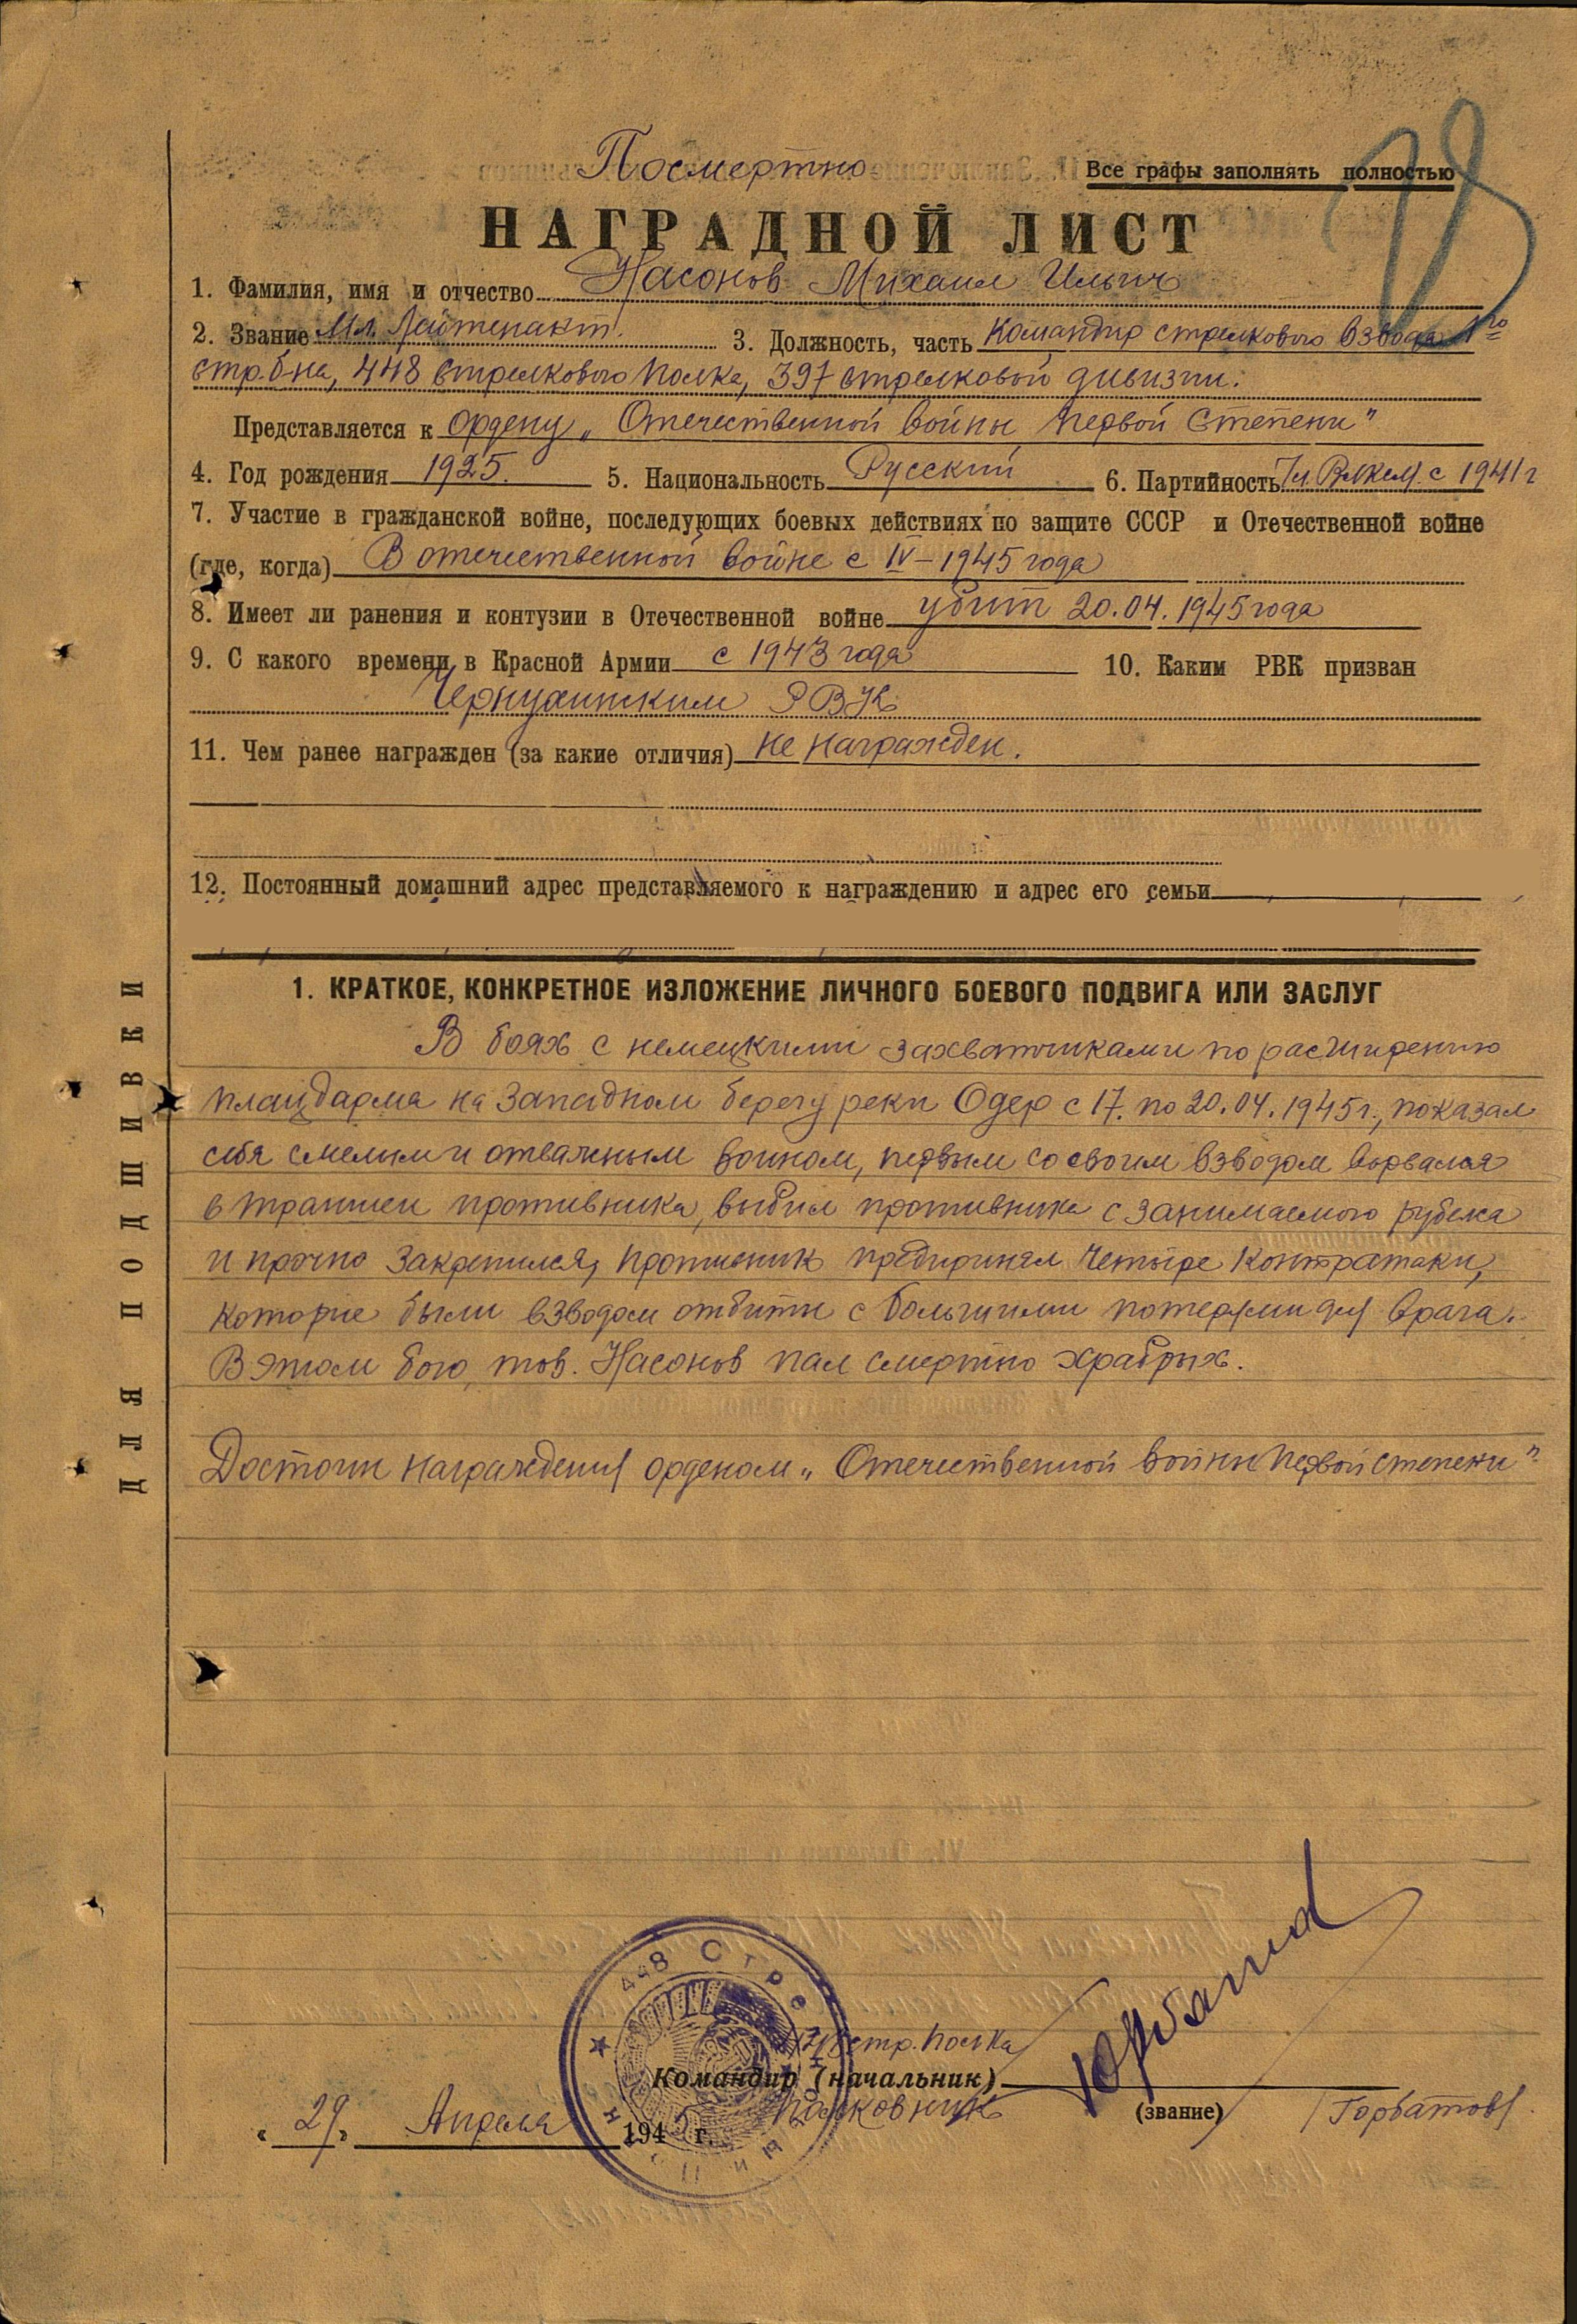 Наградной лист Насонова Михаила Ильича о представлении к награждению орденом Отечественной войны I степени